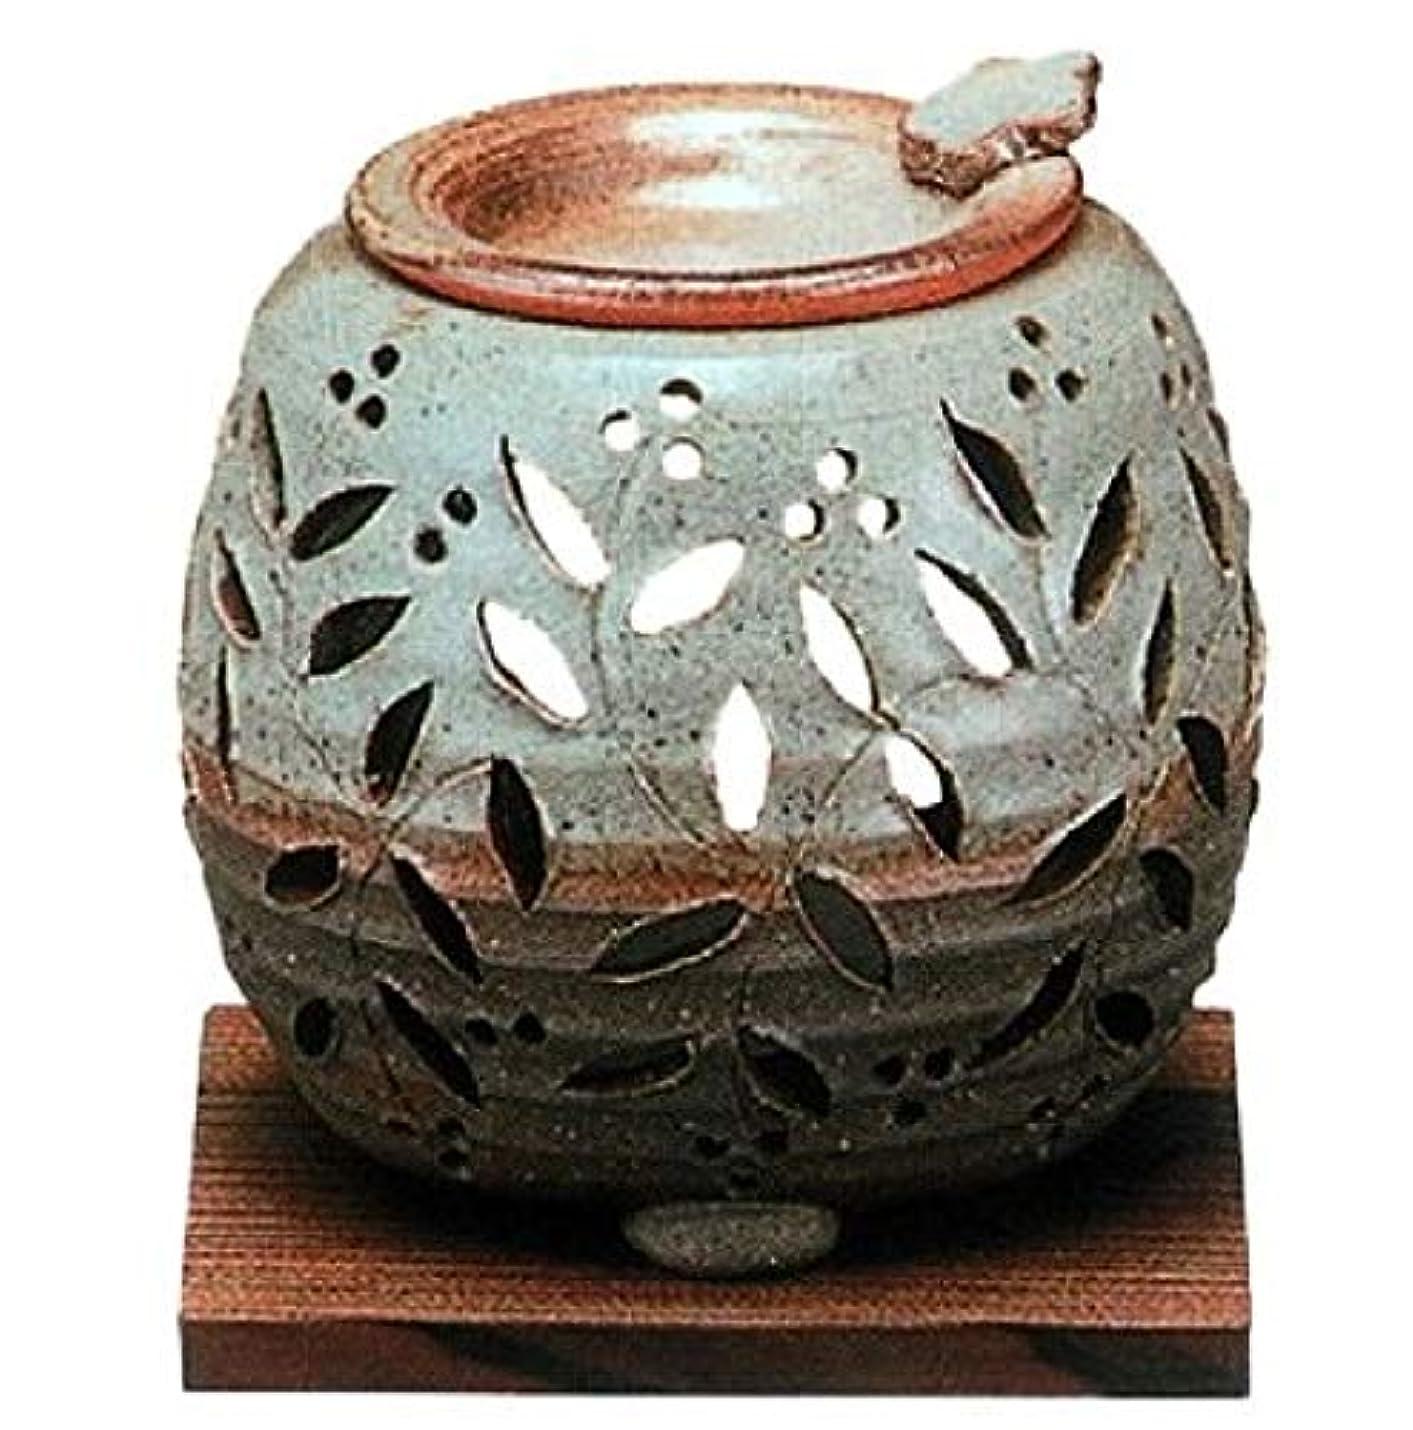 受動的汚い民間人【常滑焼】石龍 緑灰釉花透かし彫り茶香炉 灰釉花透かし  φ11×H11㎝ 3-829